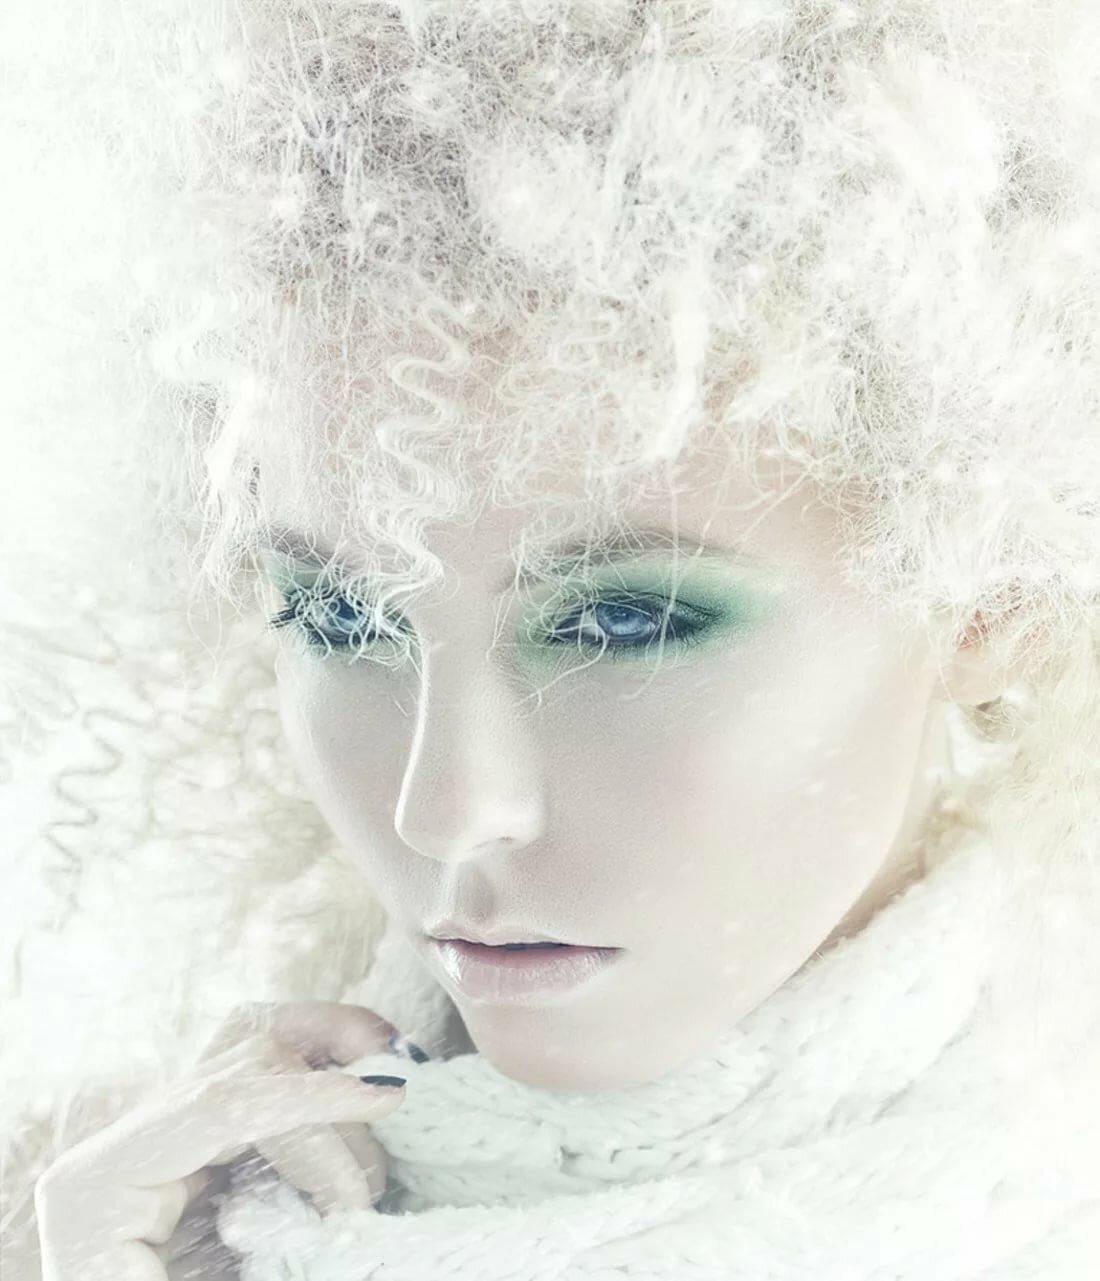 Зимняя картинка леди